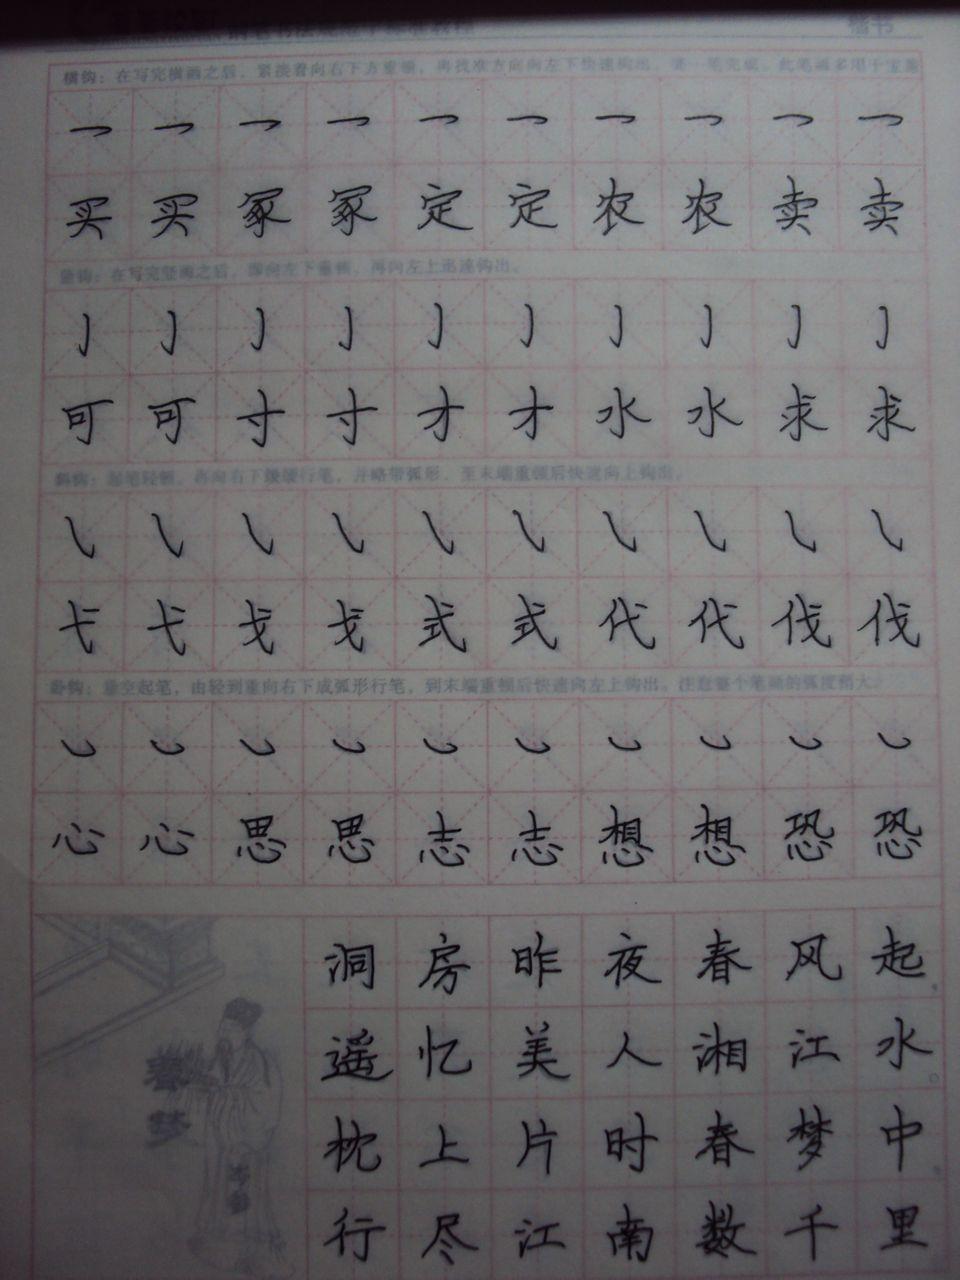 田字格写笔画图片大全 要弄清生字各个笔画在田字格中